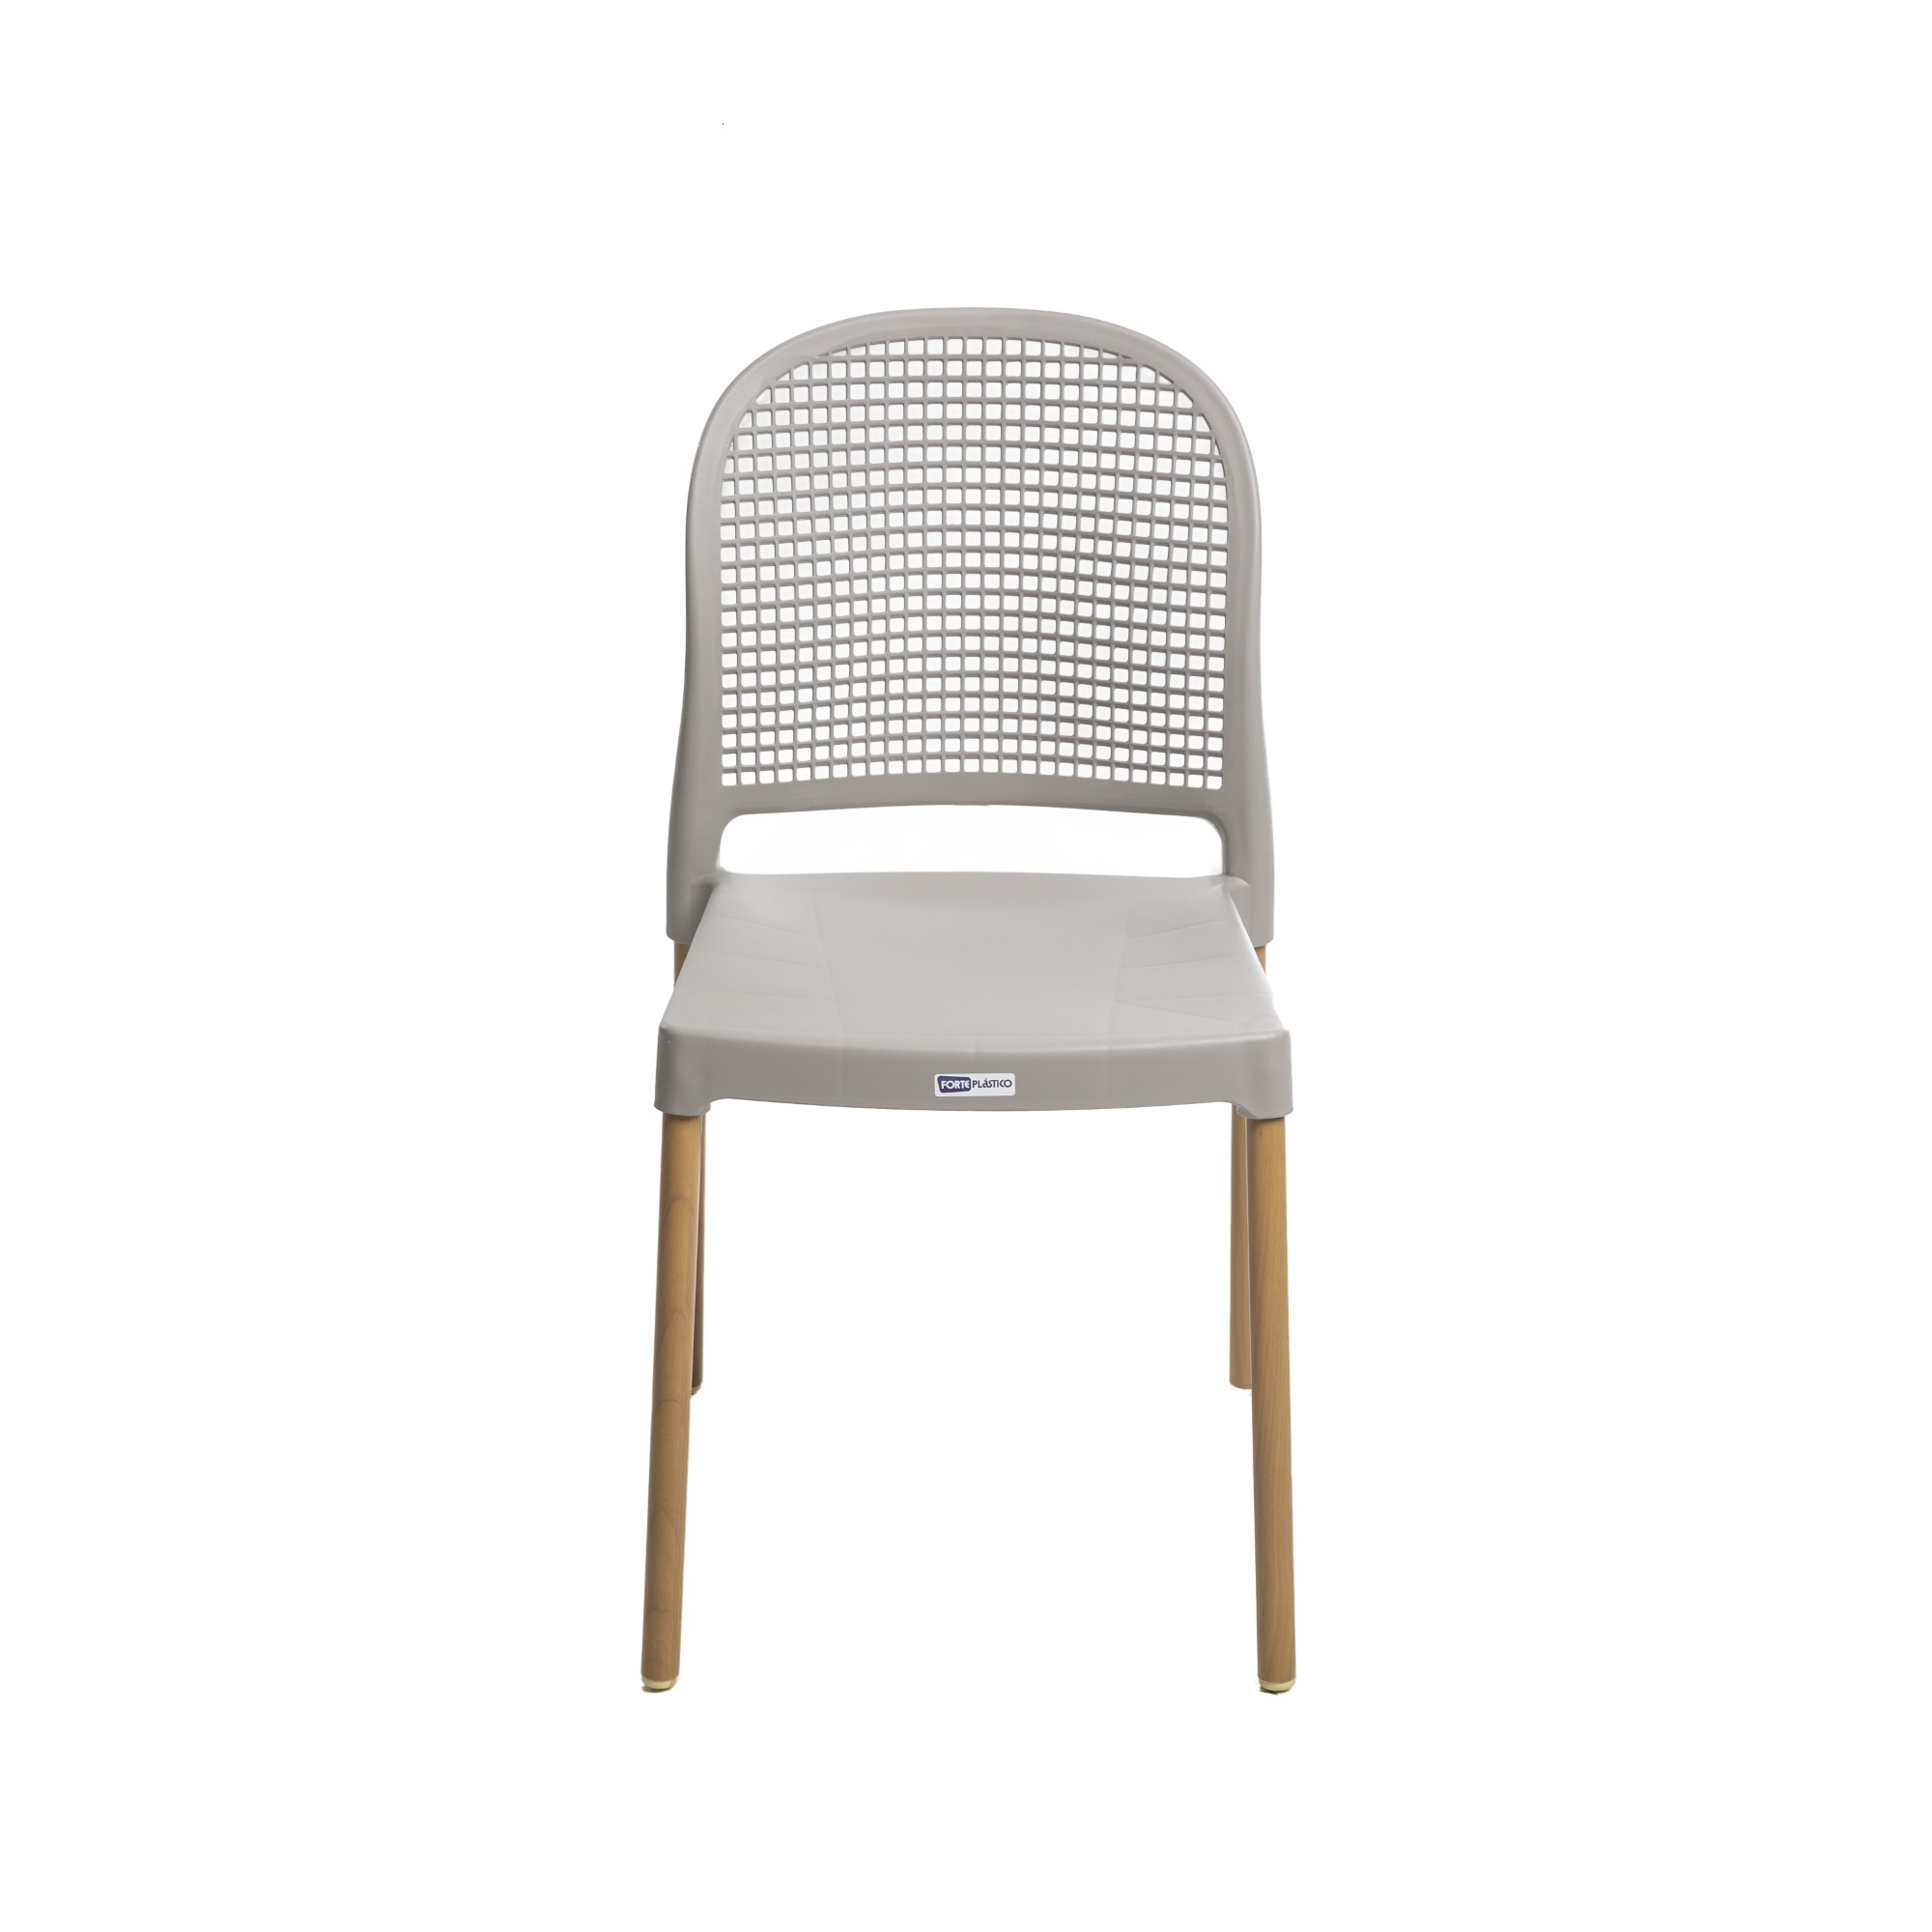 Cadeira Vintage Aluminio e Plastico Nude - Forte Plastico